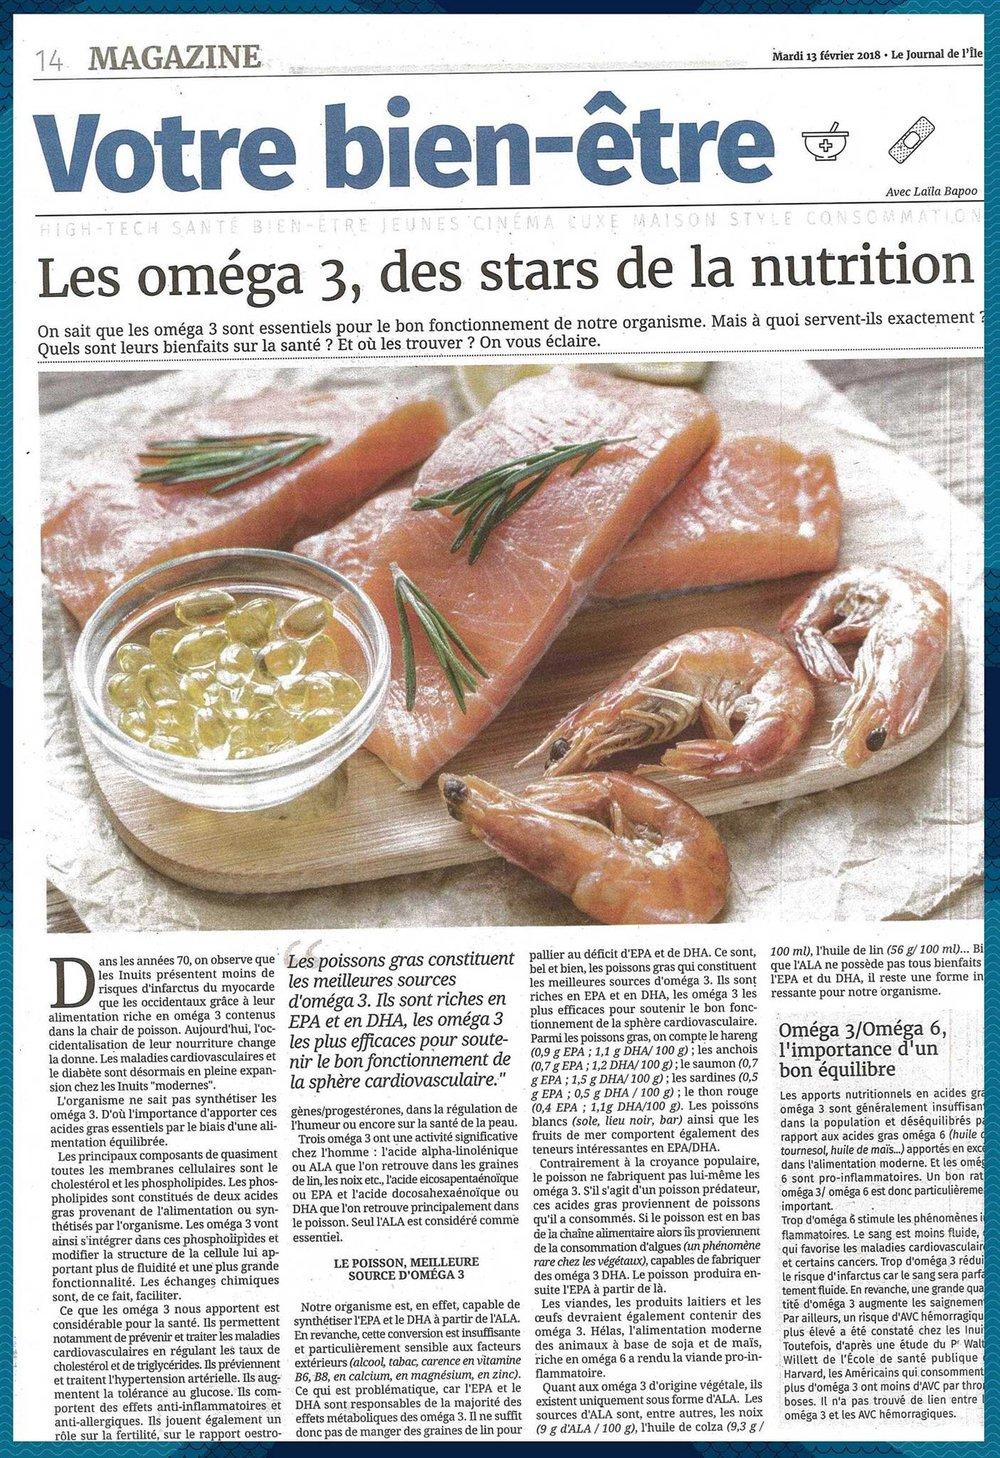 20180213--JIR-Poisson-et-nutrition.jpg